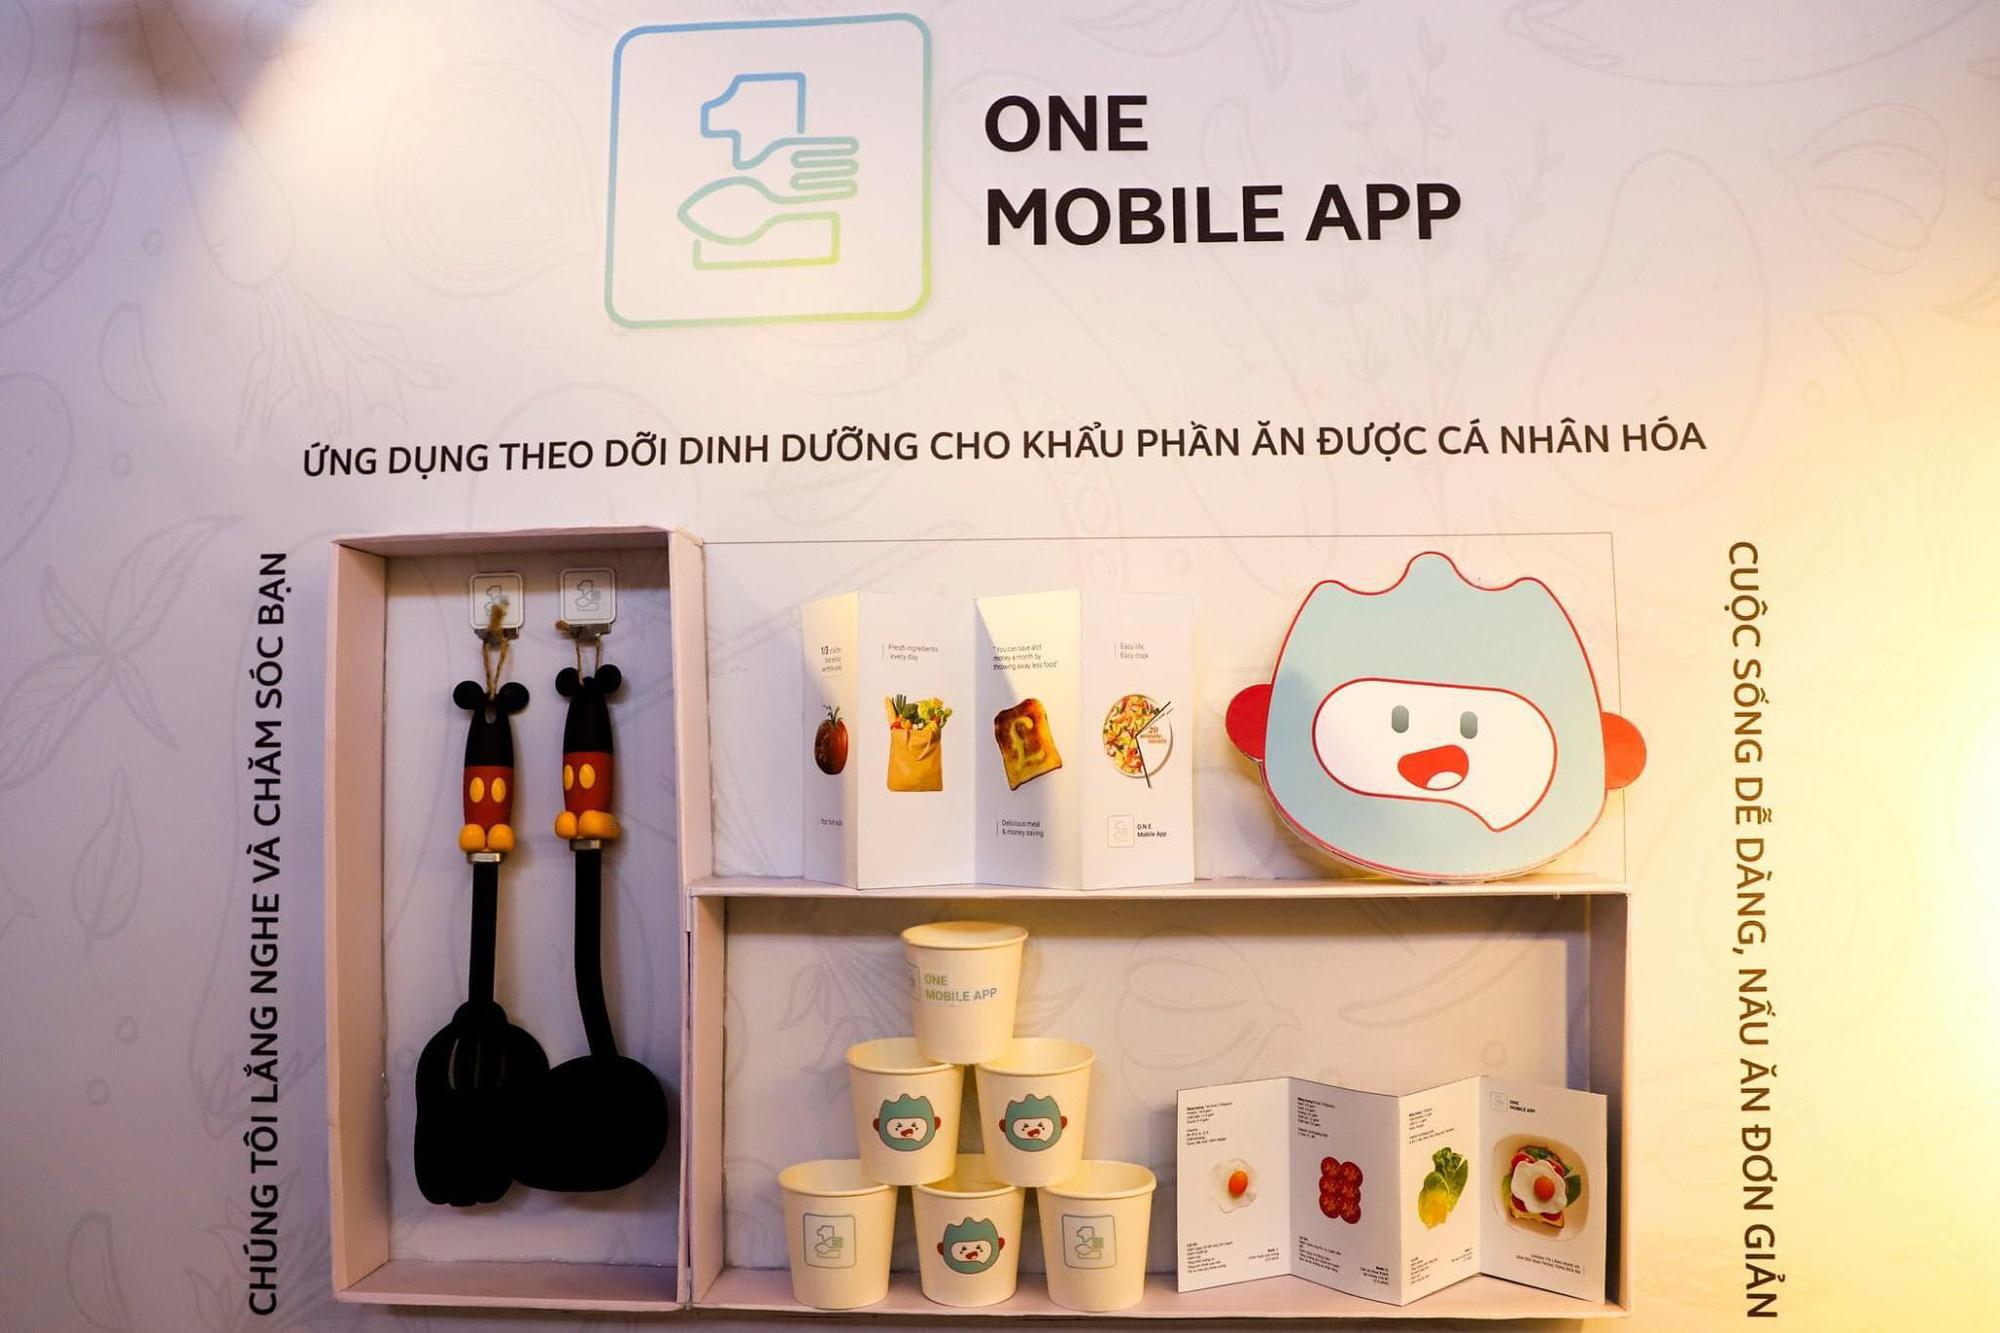 Sinh viên ĐH FPT làm app tư vấn bữa ăn dinh dưỡng cho người độc thân bận rộn - Ảnh 3.